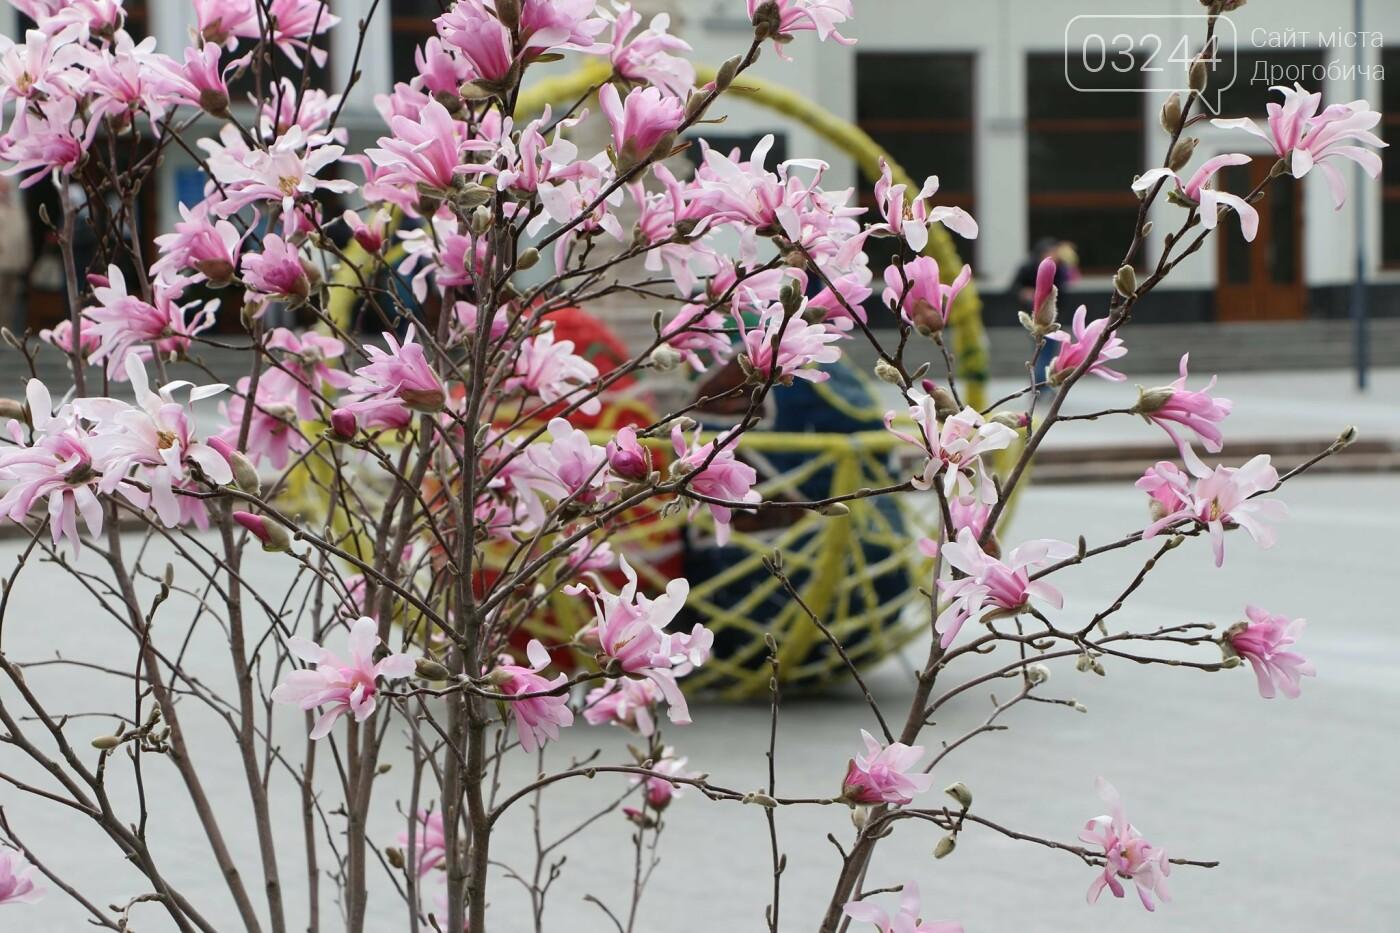 У Бориславі писанкове дерево, в Трускавці – великодній кошик, у Дрогобичі – писанки: міста чепурять до Великодня, фото-10